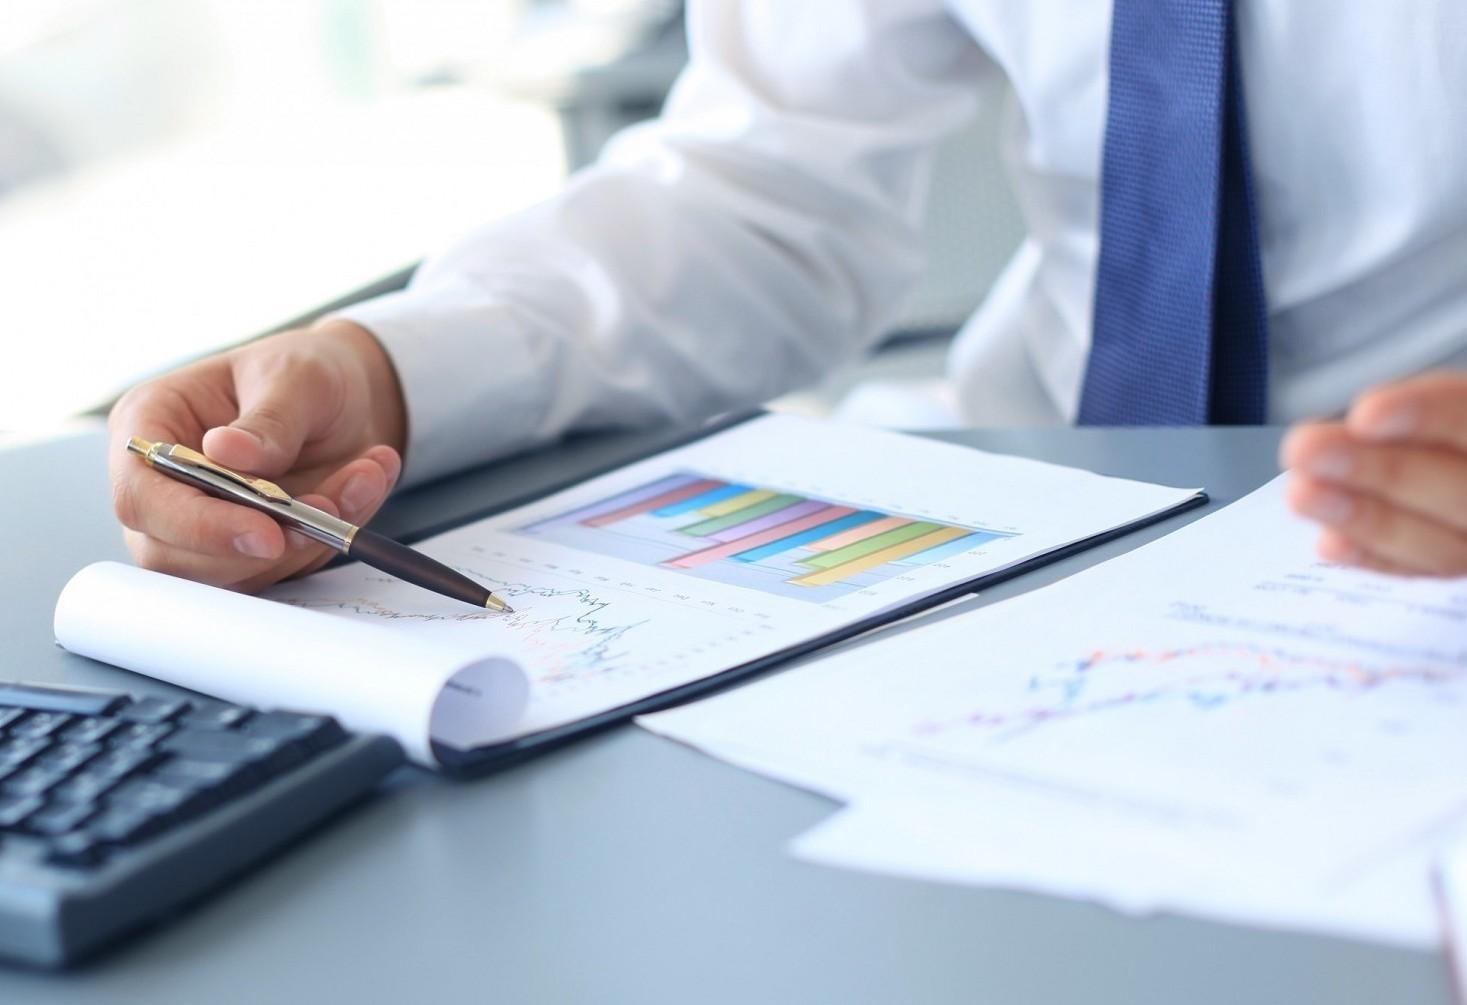 Contratto credito e assicurazioni Ania 2019-2020 orari, reperibilità, turni e riposo